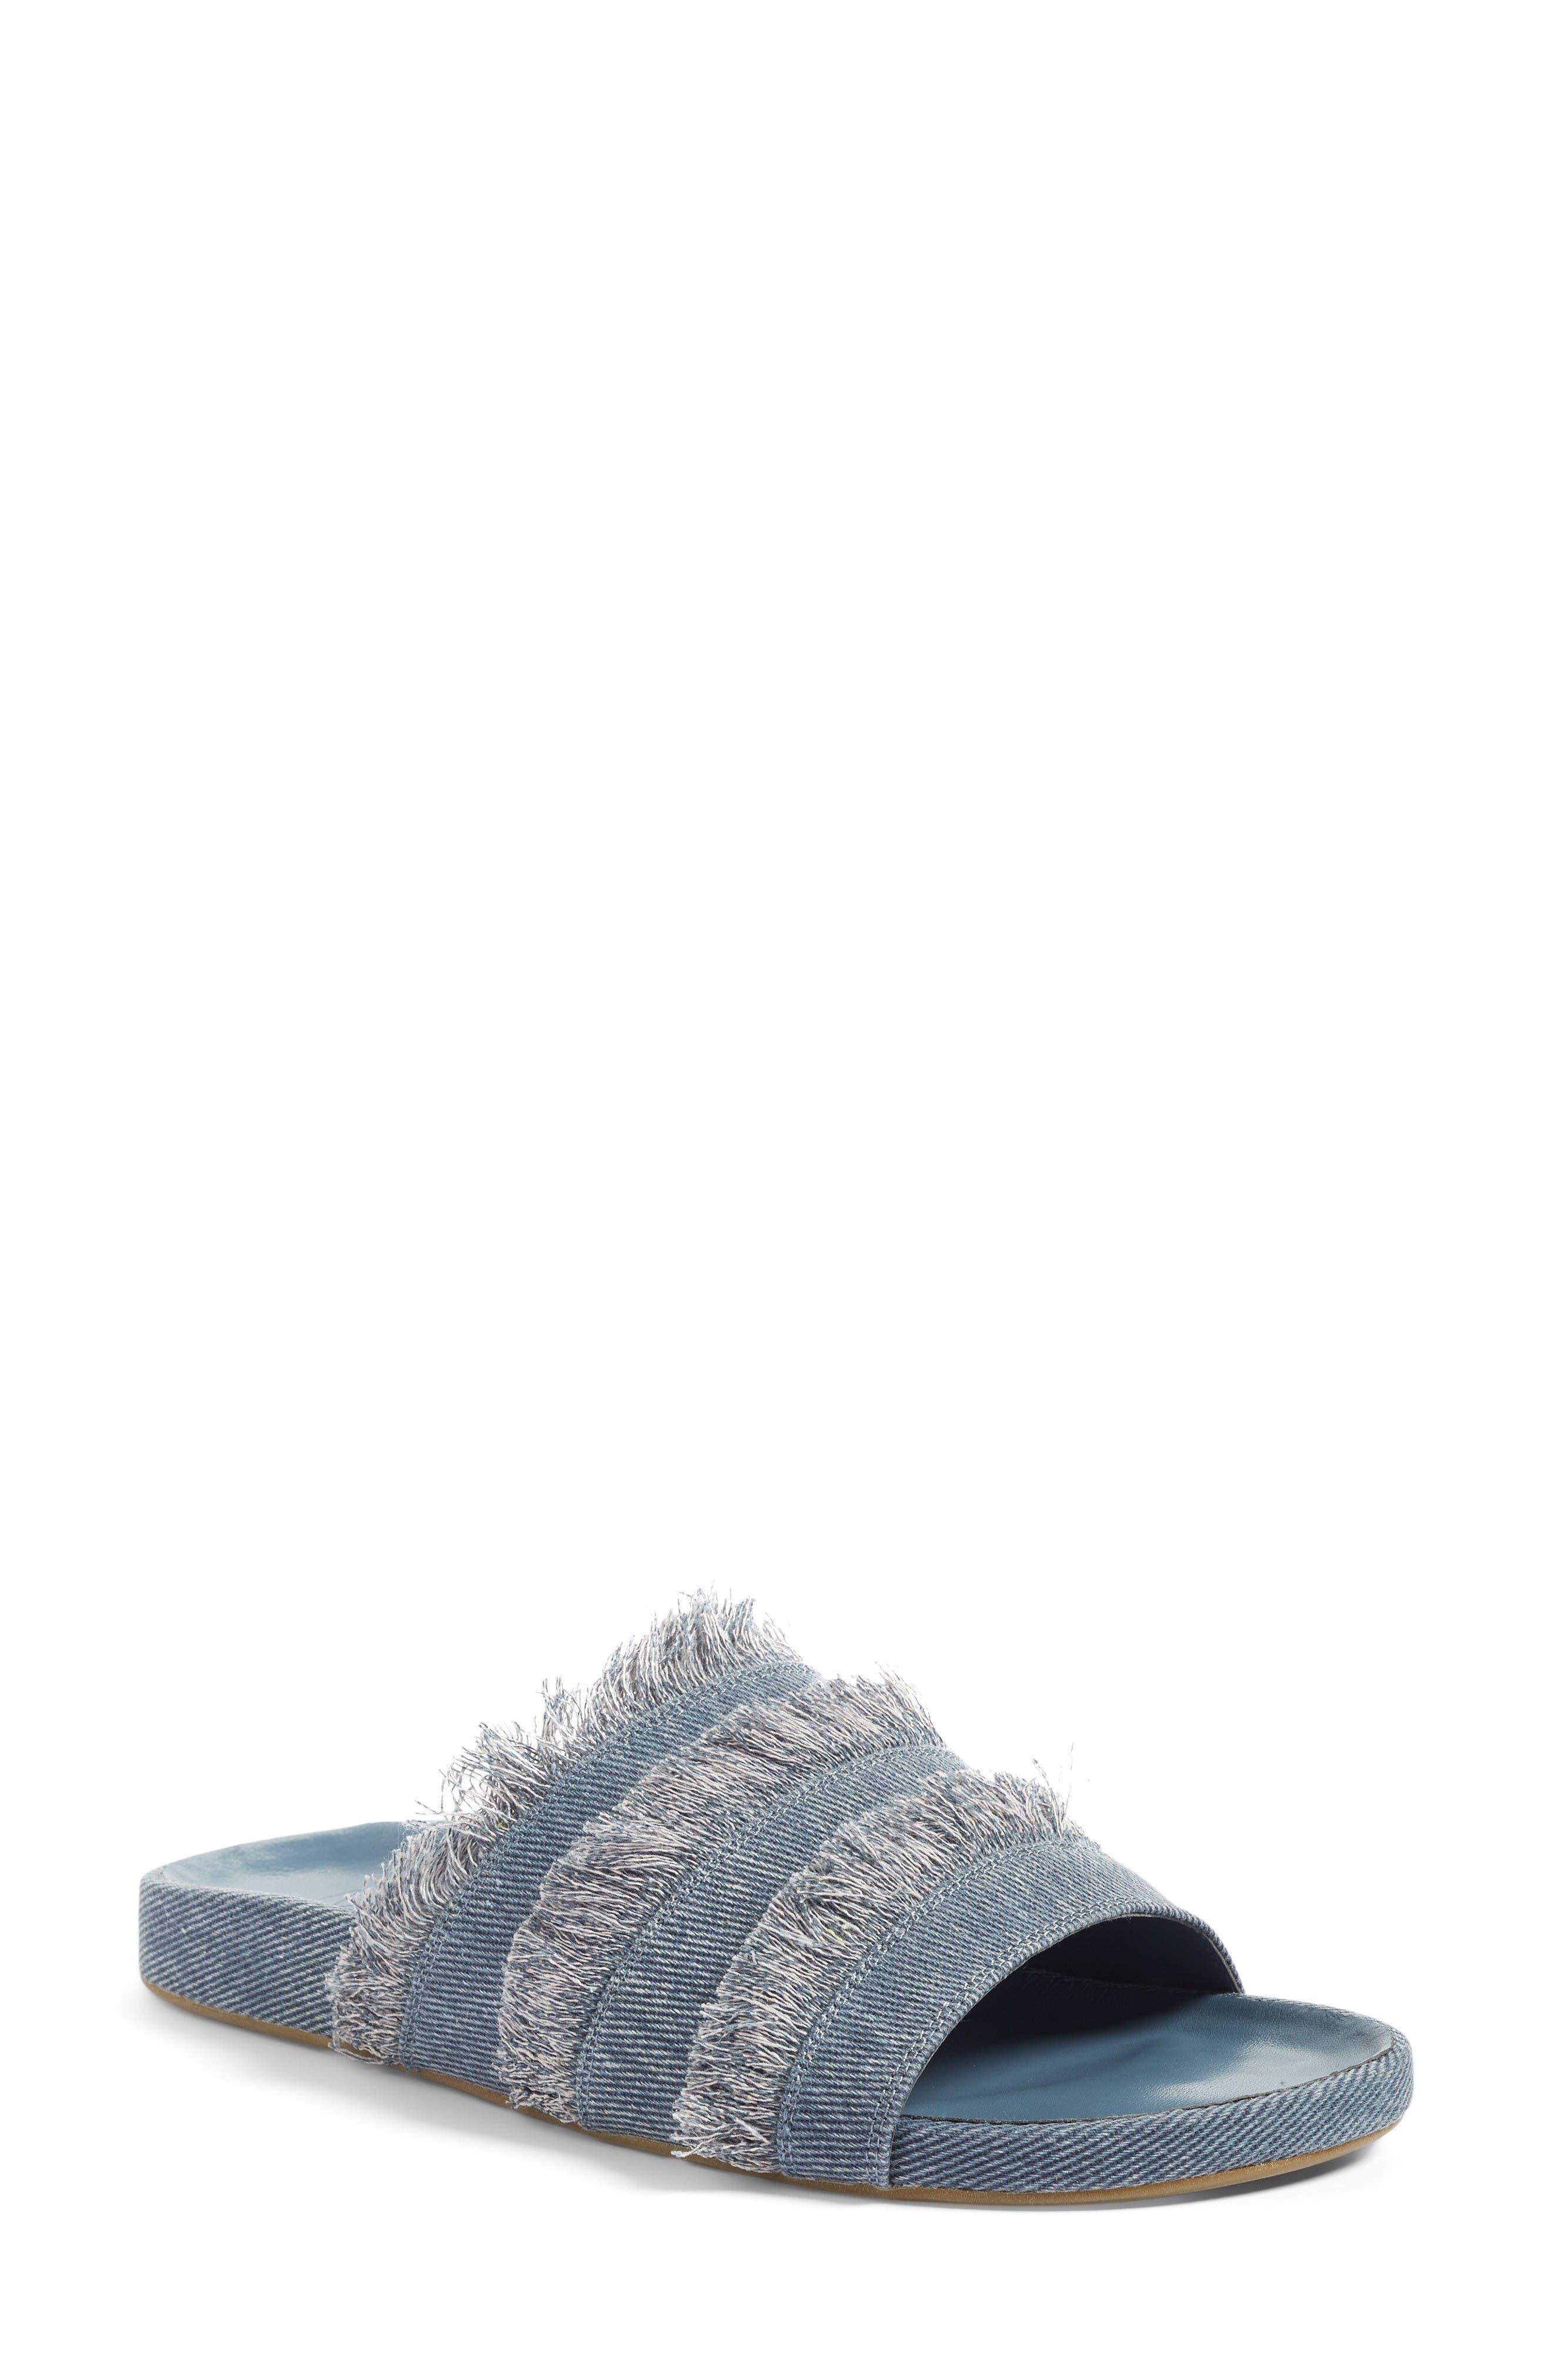 Women's Jaden Slide Sandal